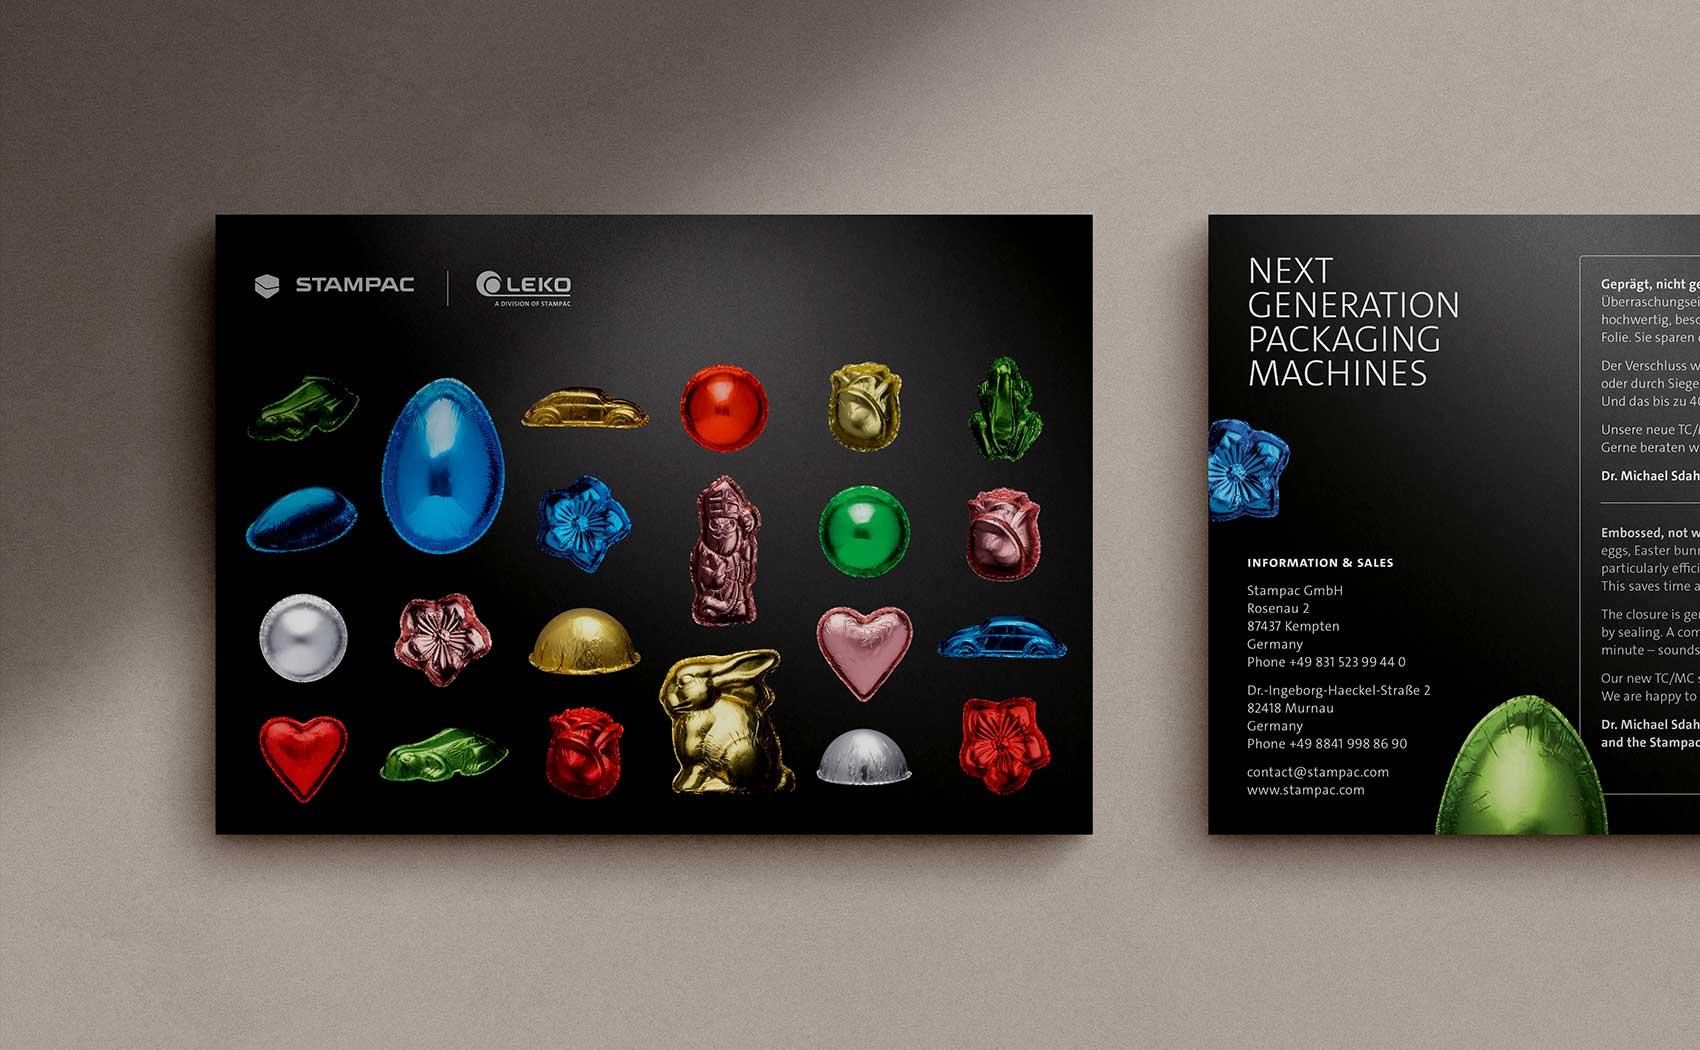 Mailing zur Produktvorstellung für den Verpackungsmaschinen-Hersteller Stampac GmbH aus Kempten